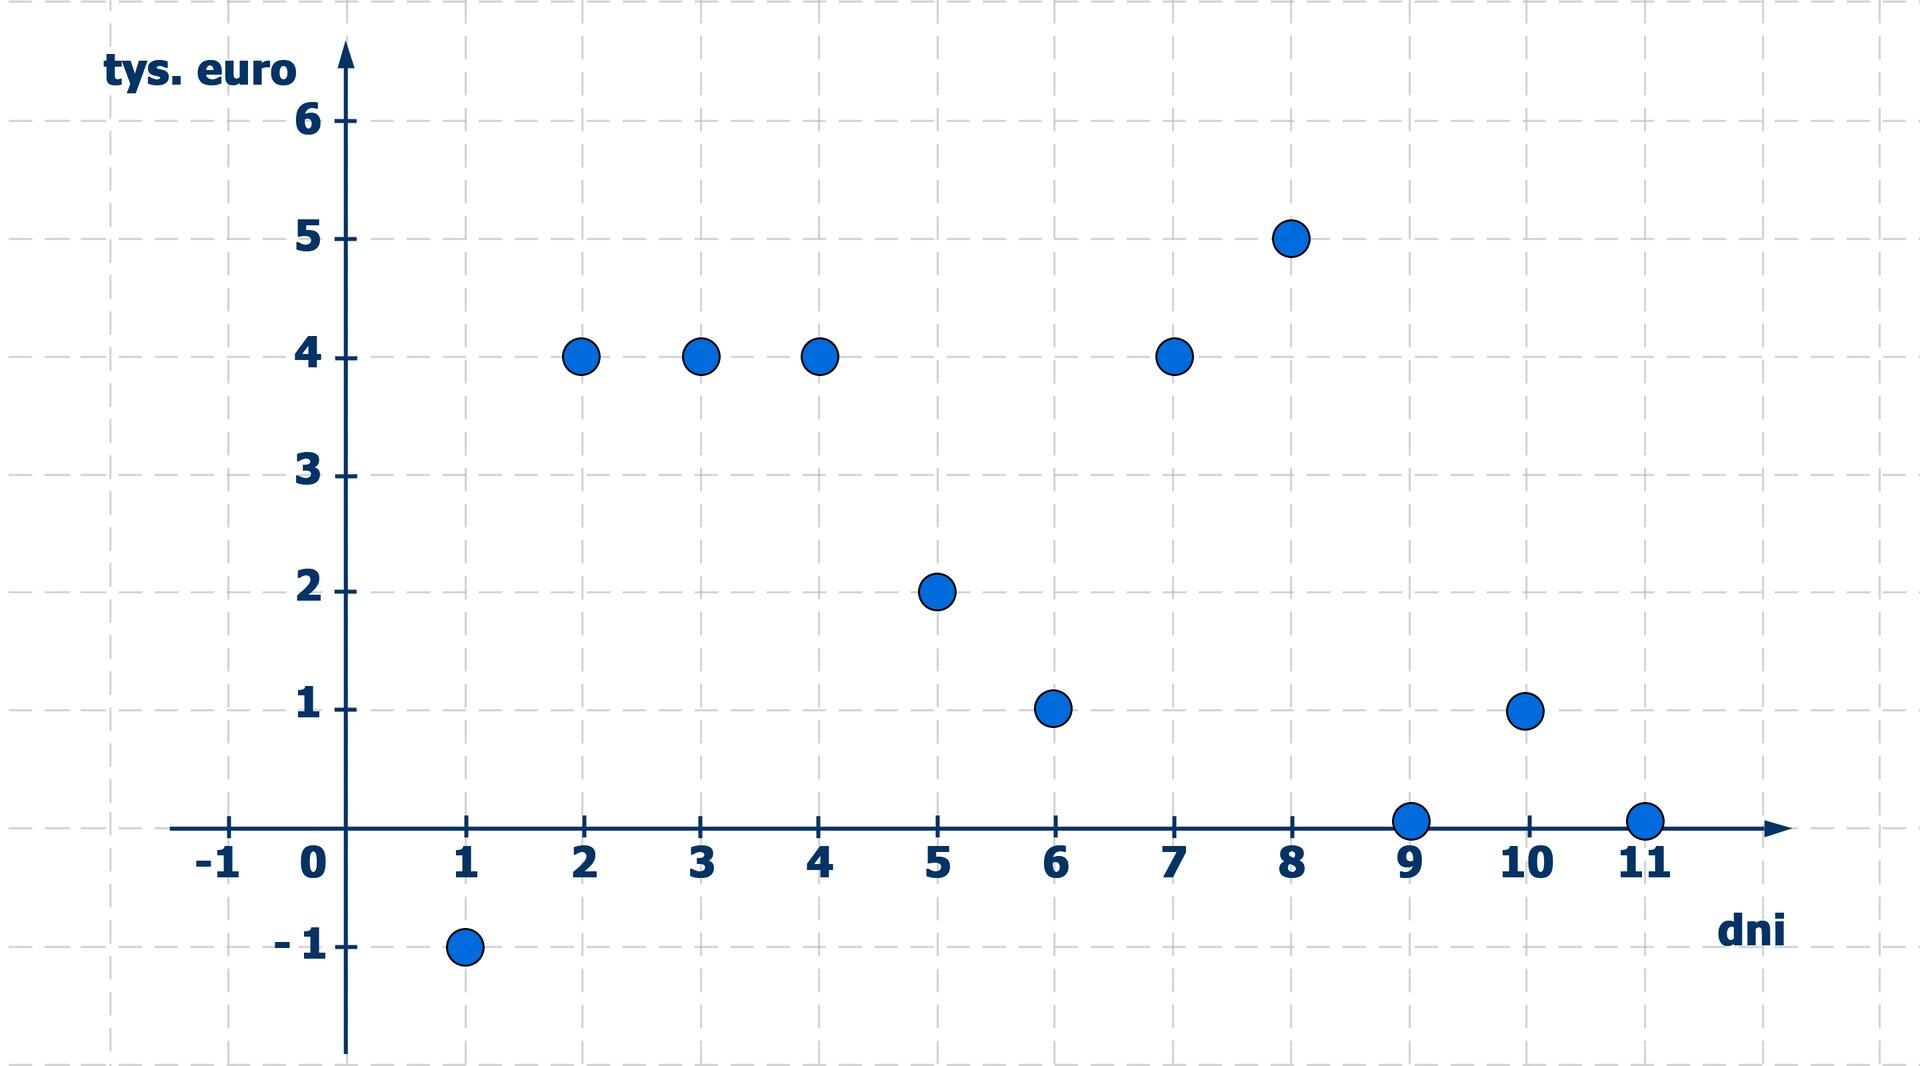 Wykres pokazuje, że wpierwszym dniu operacji stan konta wynosił minus 1 tysiąc euro. Wósmym dniu było 5 tysięcy euro ibyła to kwota maksymalna na koncie. Wostatnim dniu notowań stan konta wynosił zero.